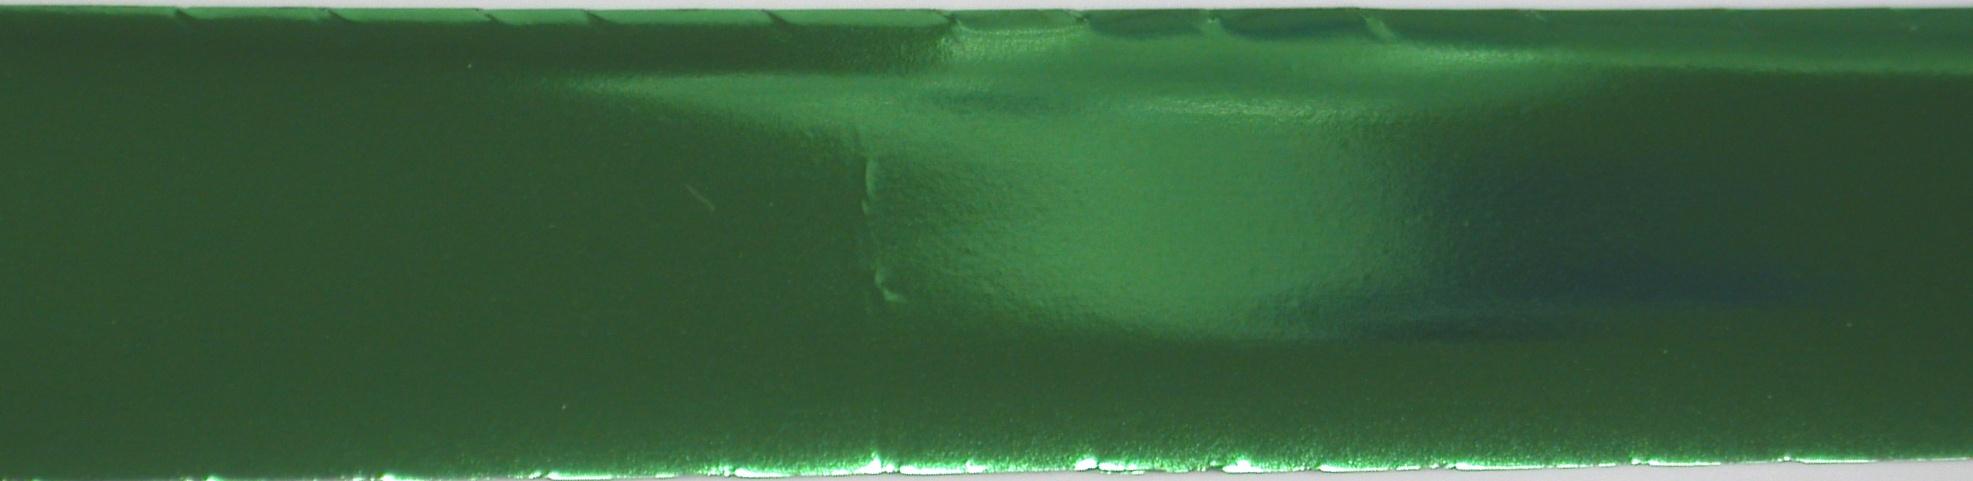 VIVI Folie na nehty hladká zelená 50 cm